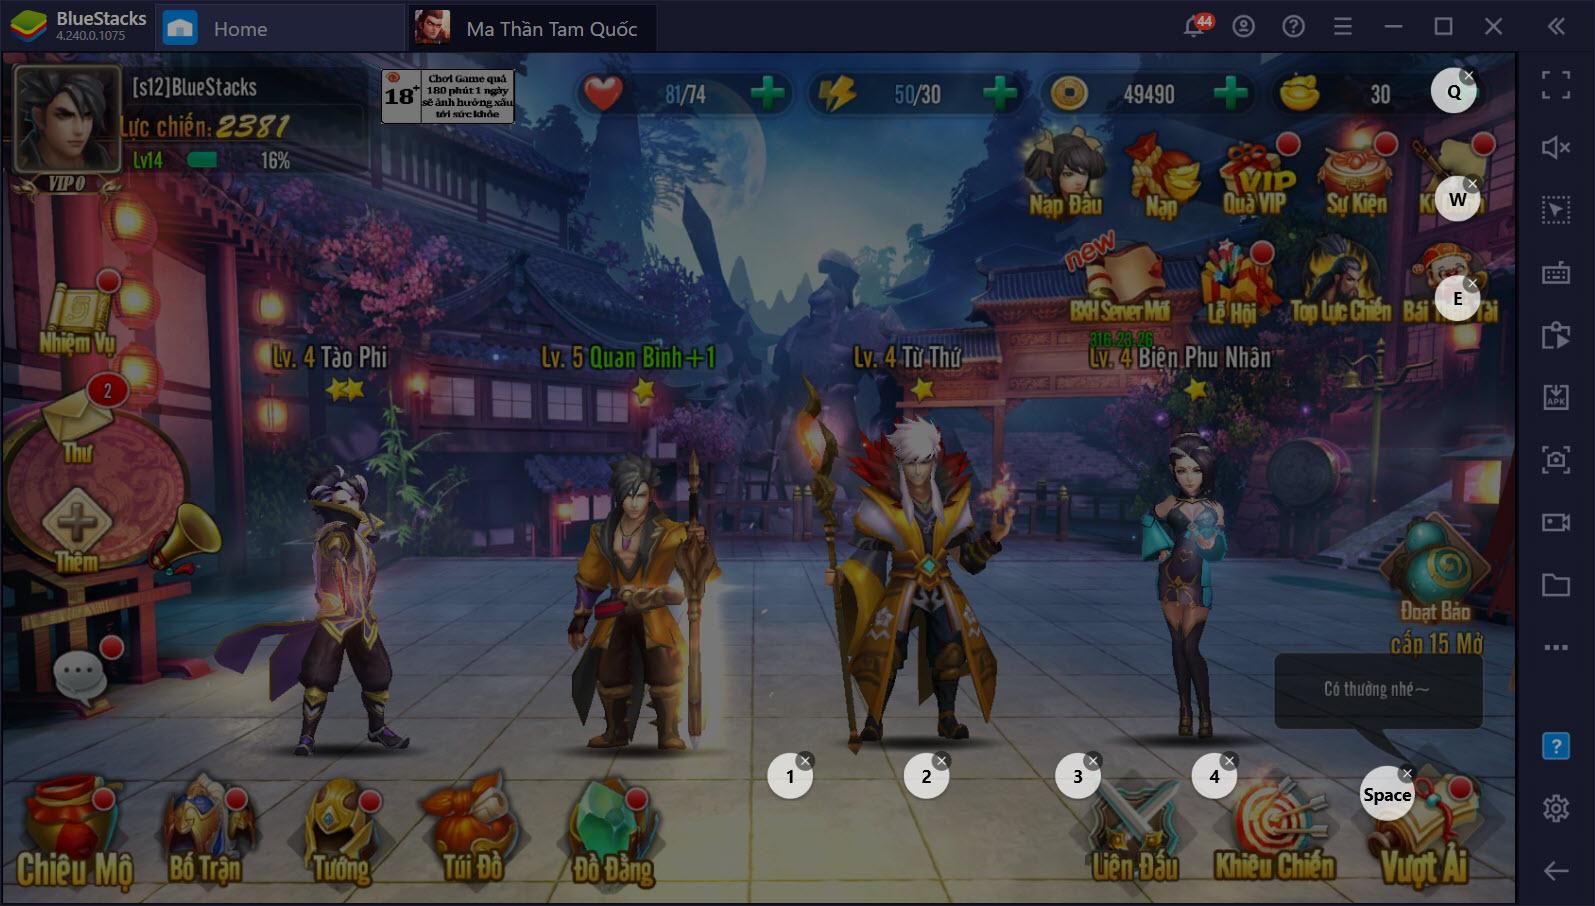 Ma Thần Tam Quốc:  Cách lên cấp nhanh trong server mới